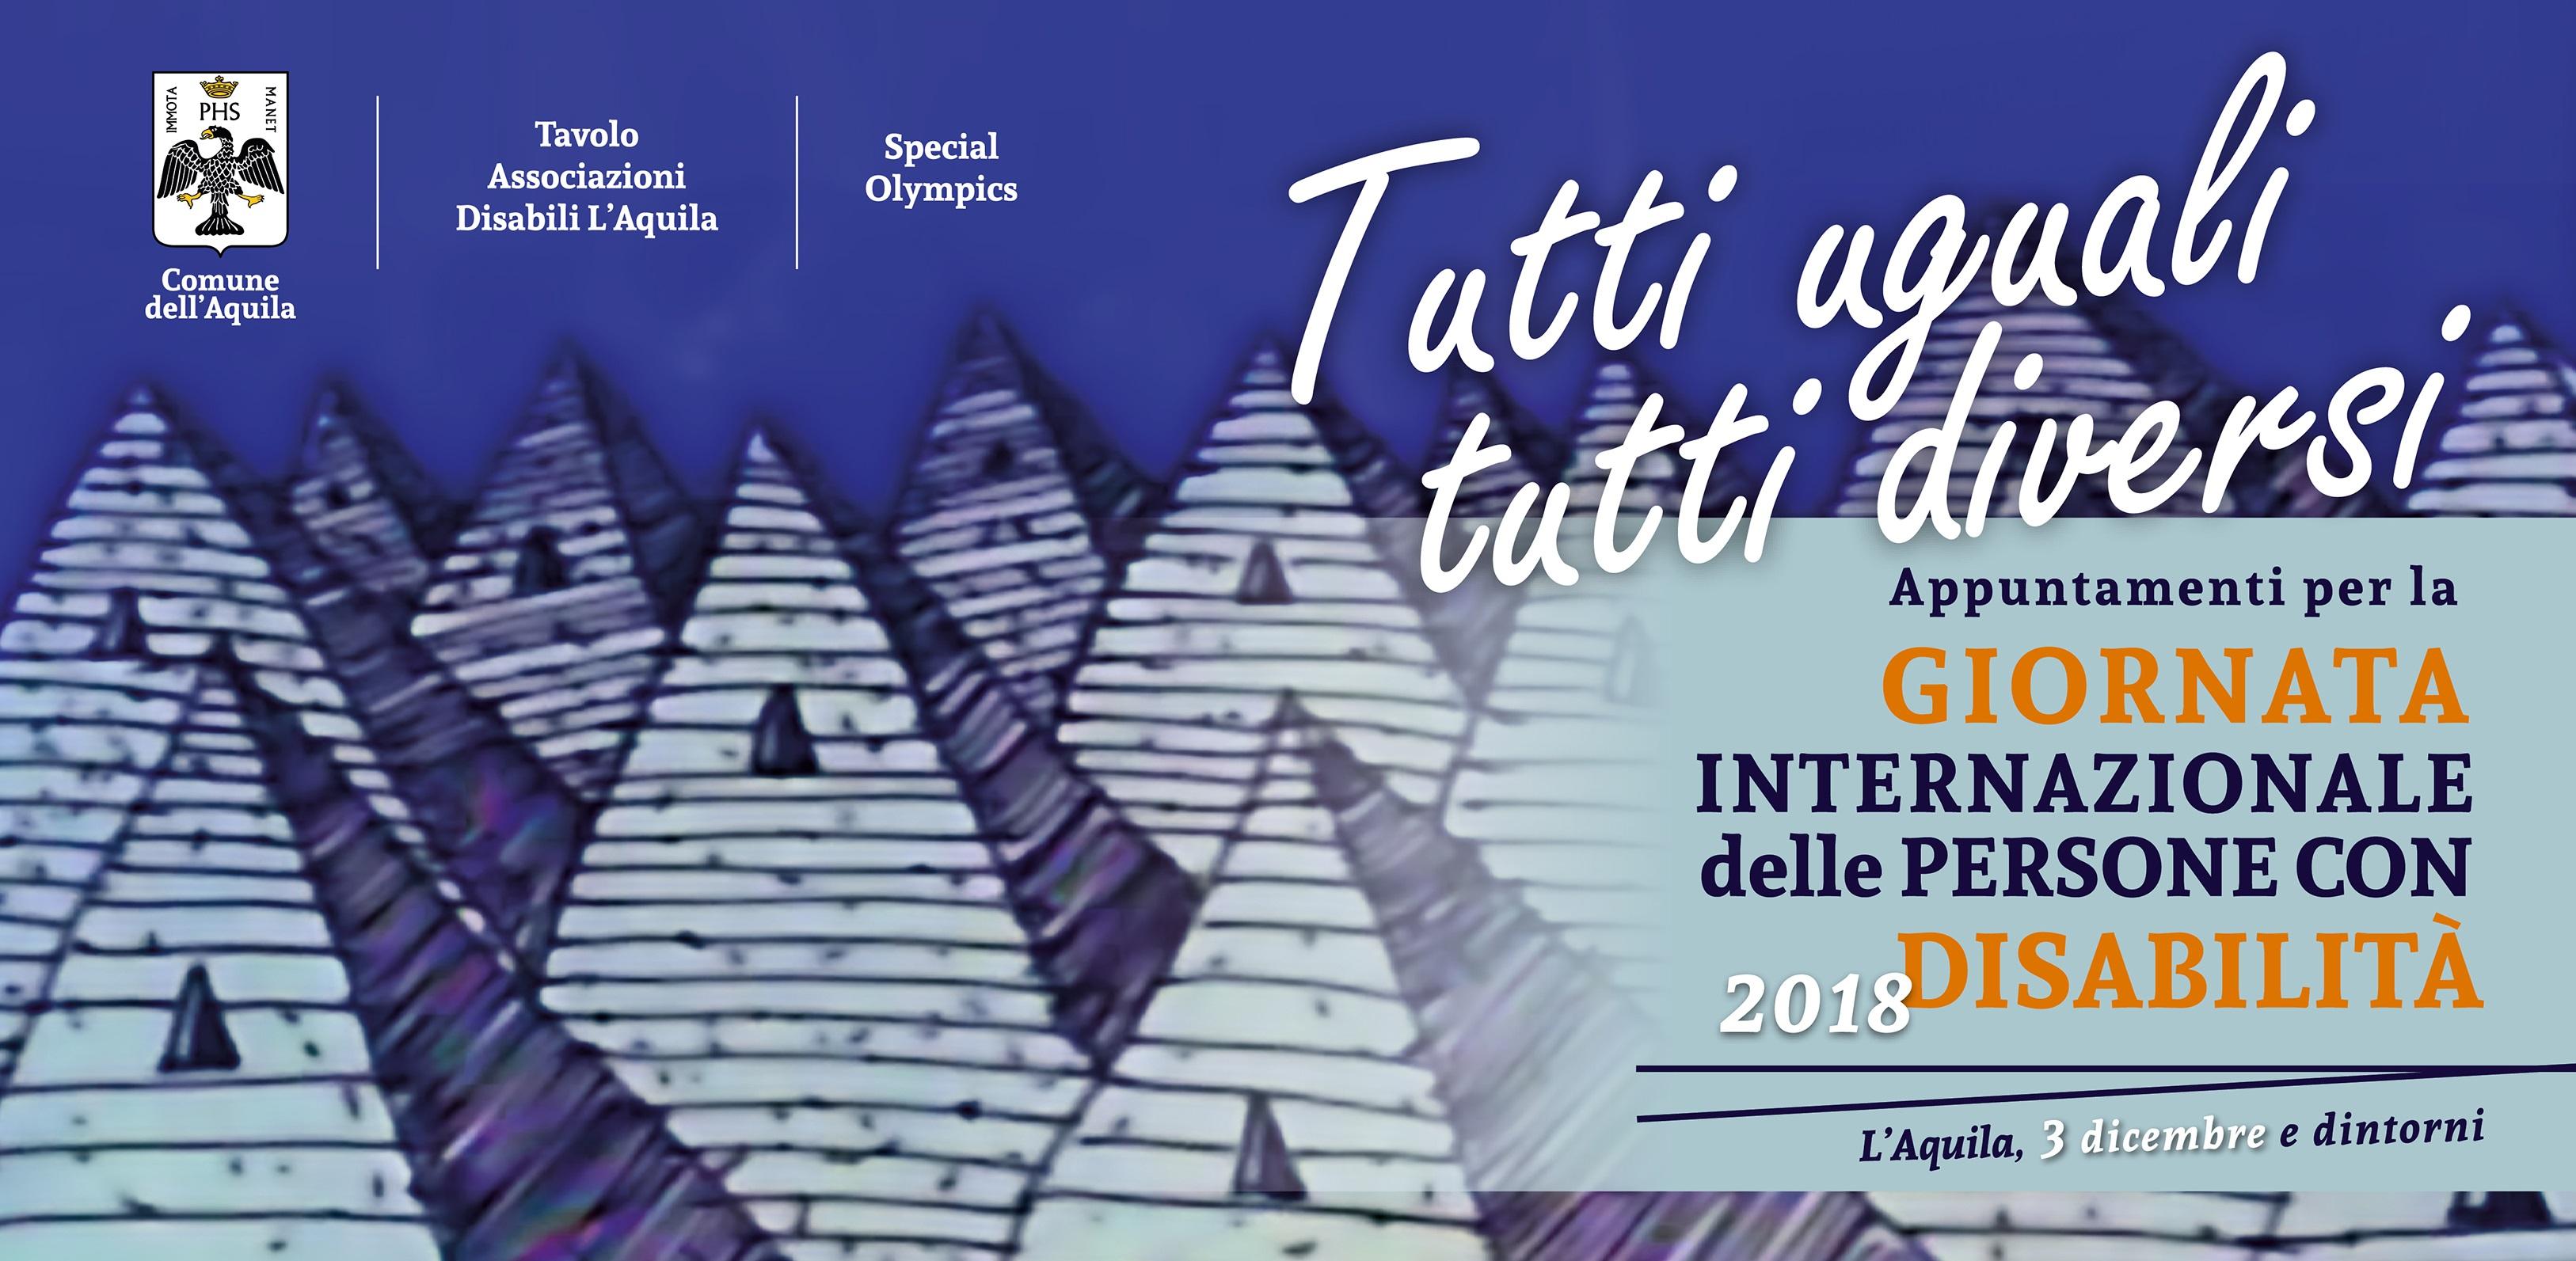 Logo e titolo Giornata Internazionale delle persone con disabilità 2018